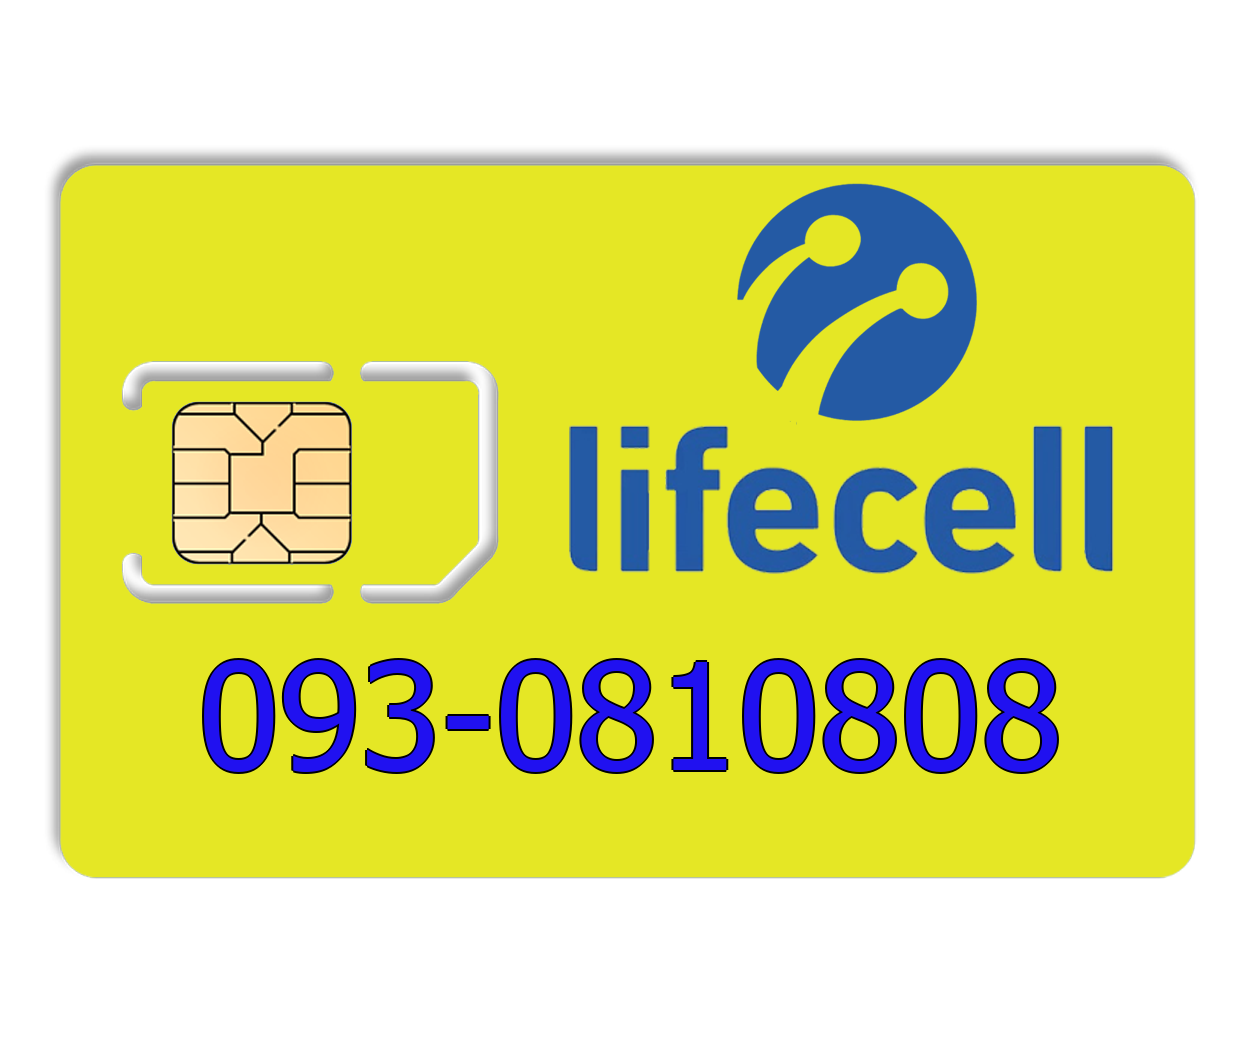 Красивый номер lifecell 093-0810808